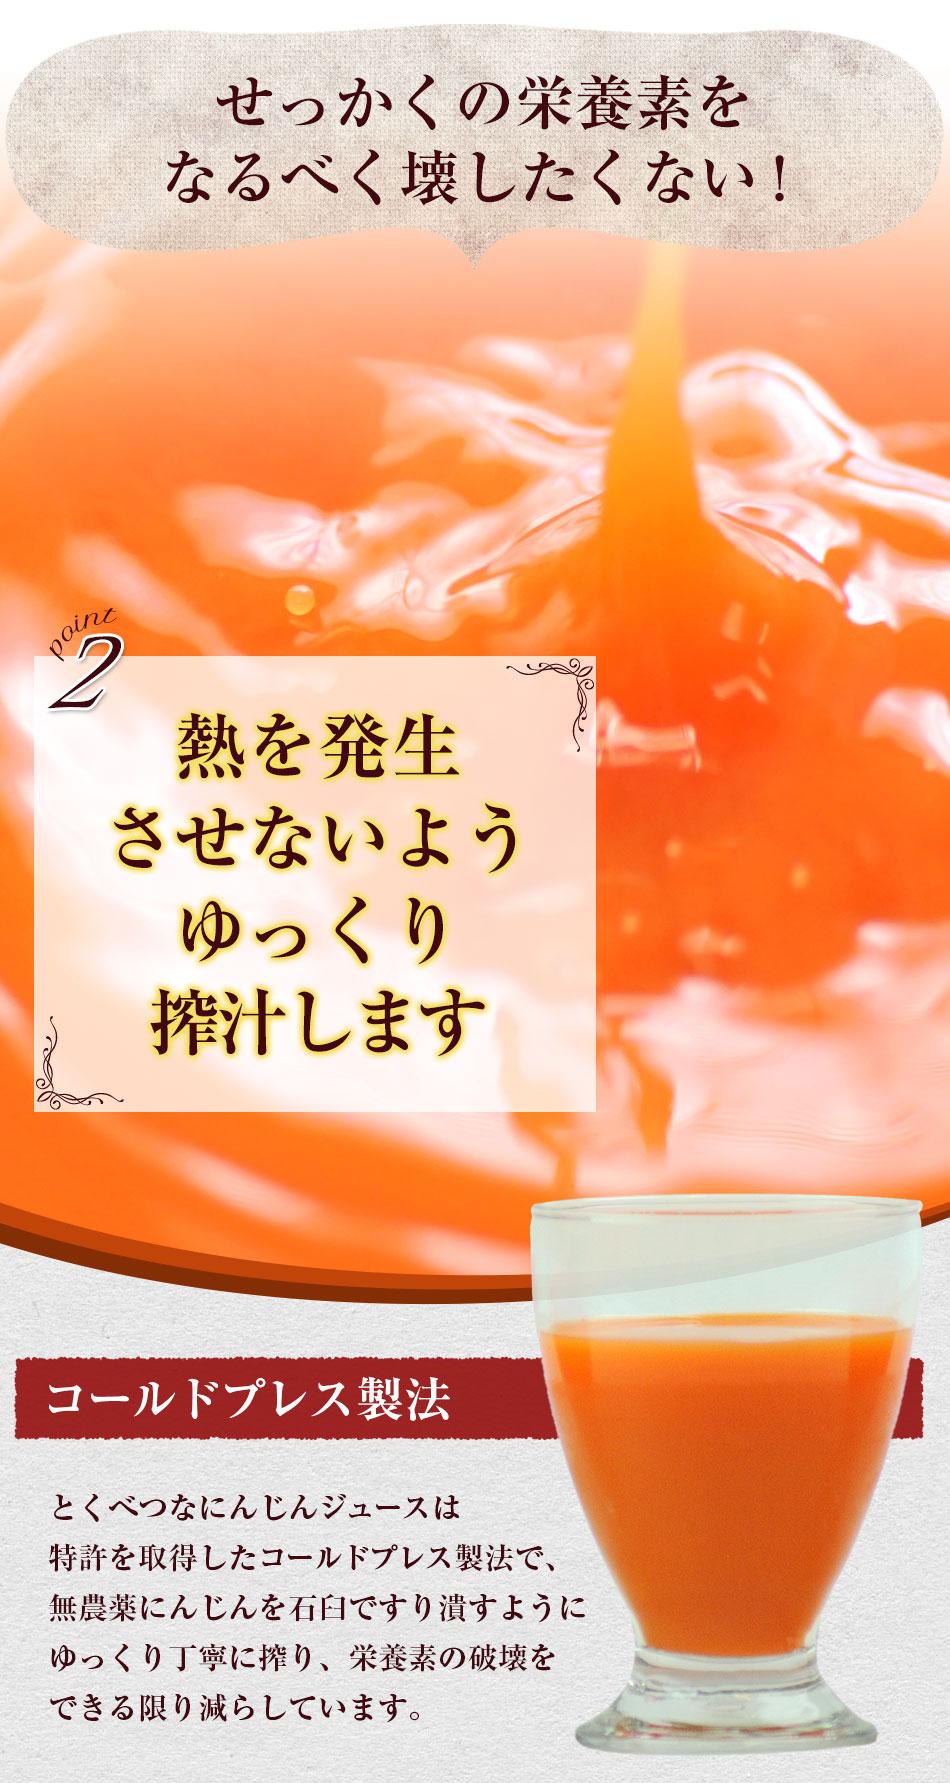 せっかくの栄養素を壊したくない 熱を発生させないようゆっくり搾汁するコールドプレス製法で搾っています